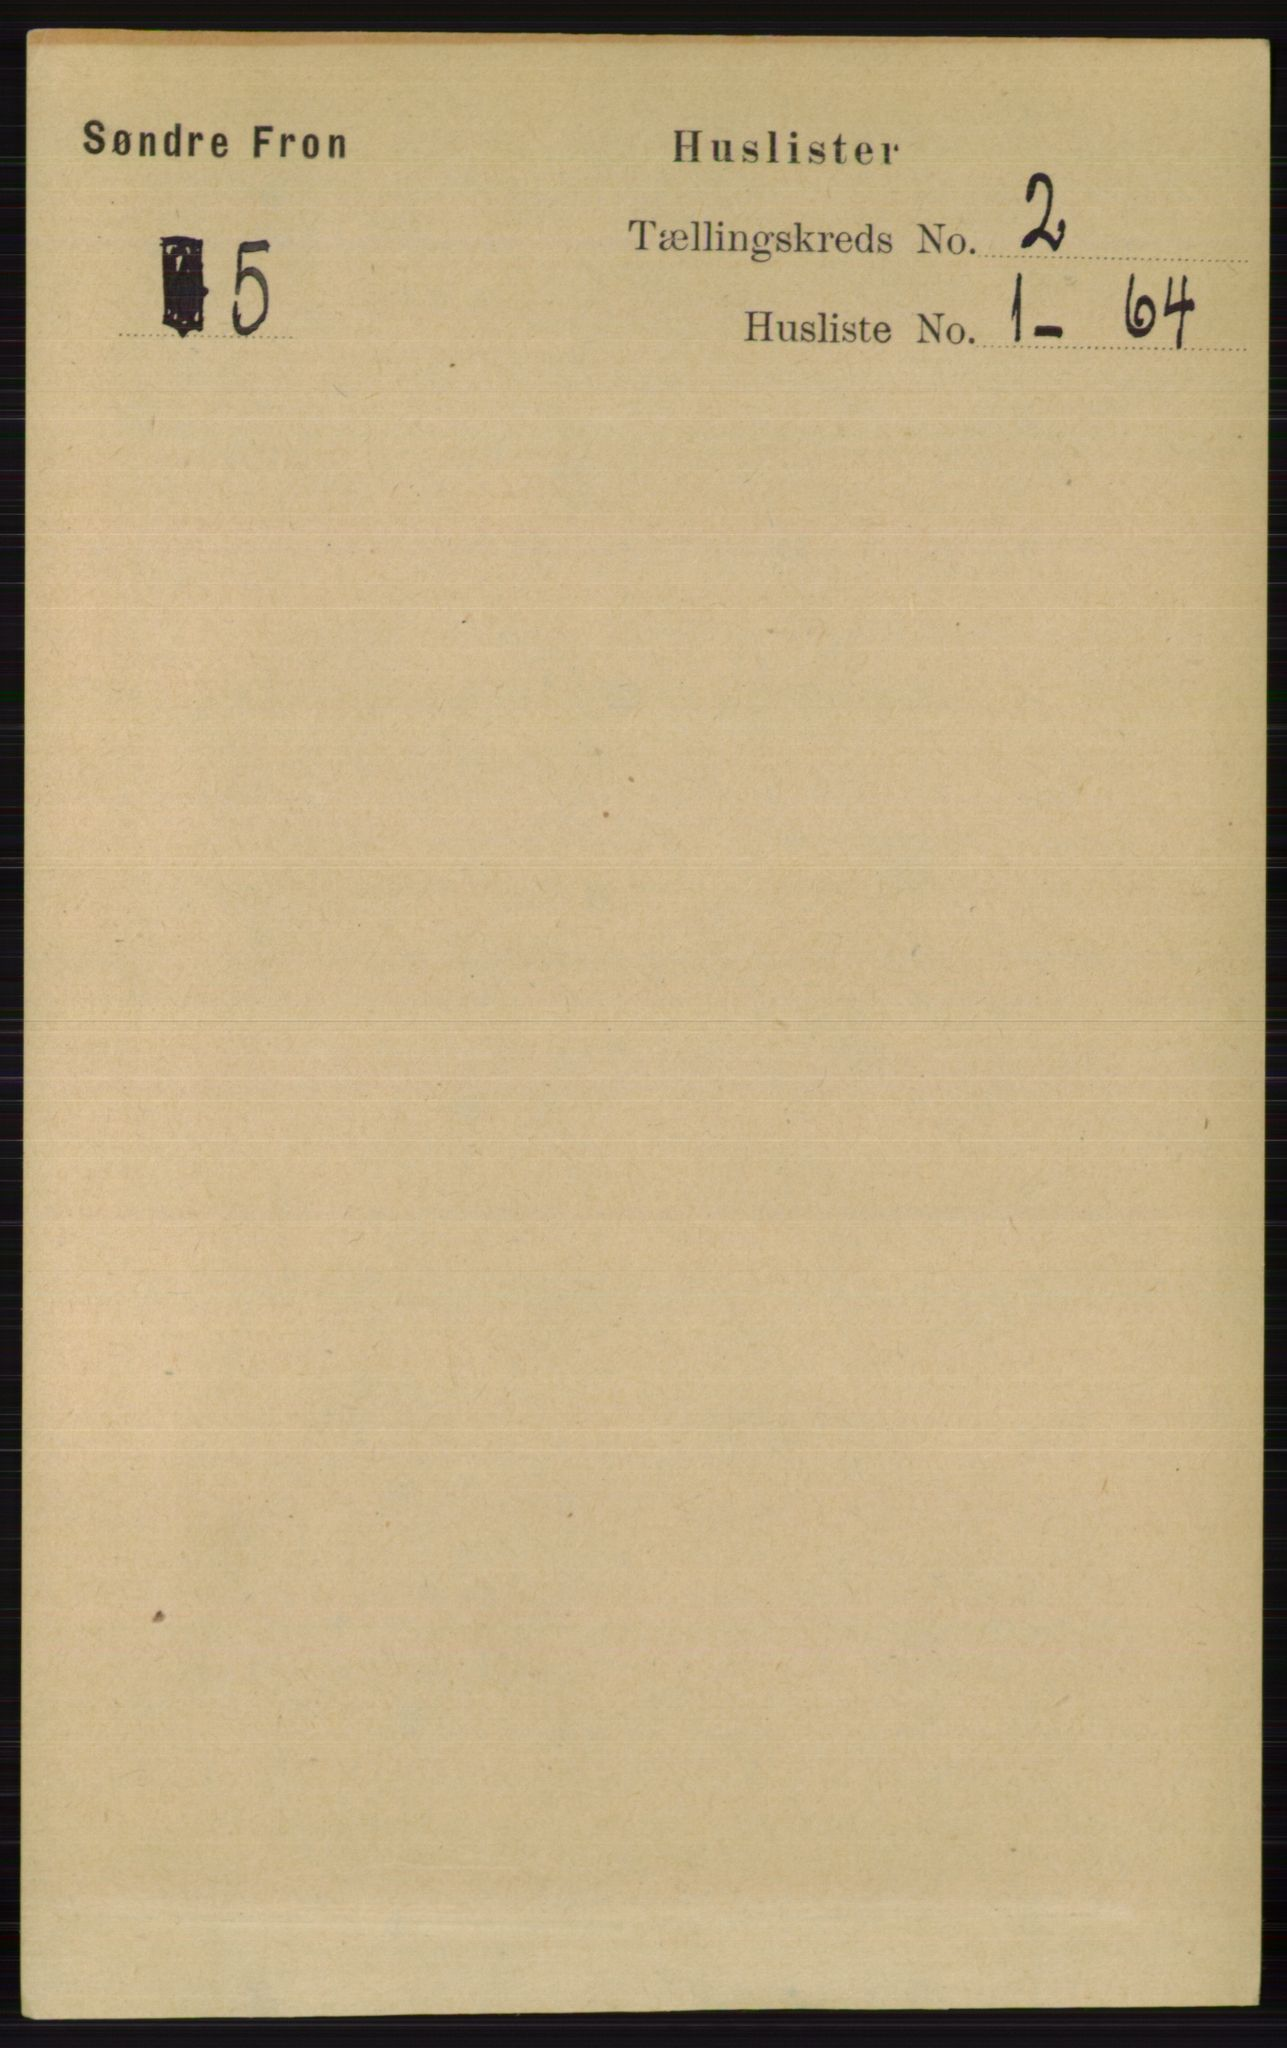 RA, Folketelling 1891 for 0519 Sør-Fron herred, 1891, s. 495